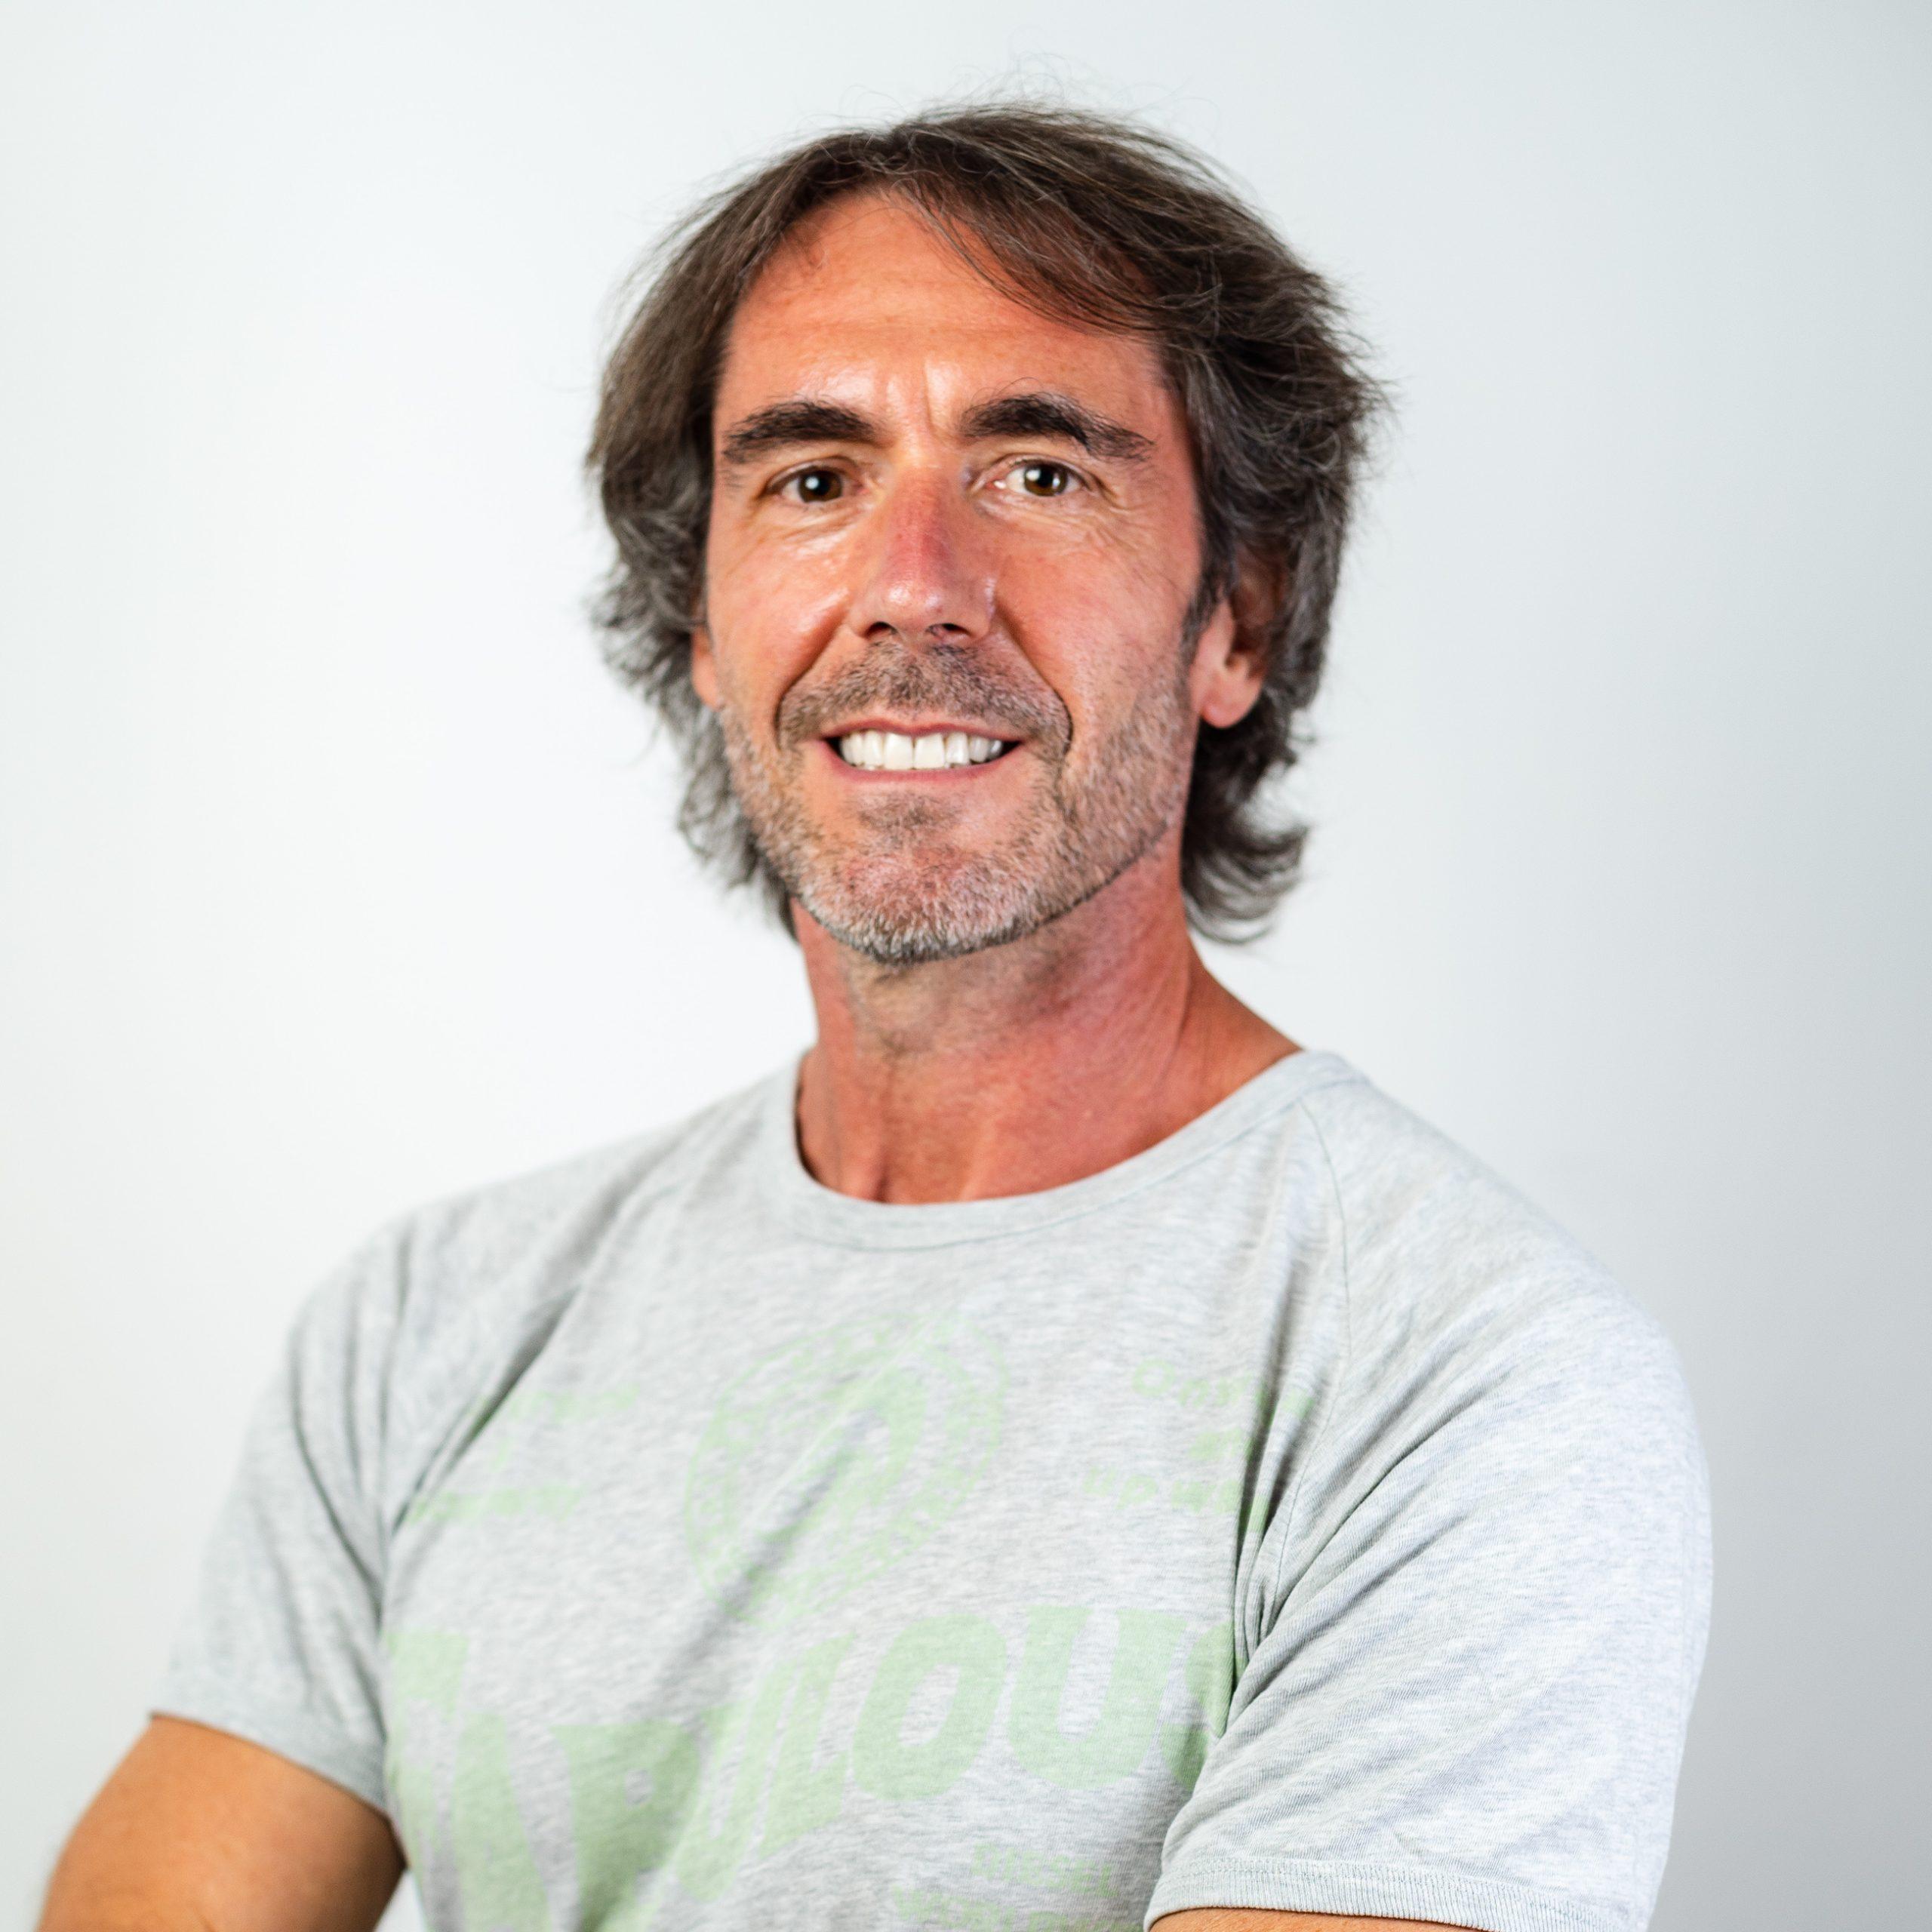 Fabio Cerrone